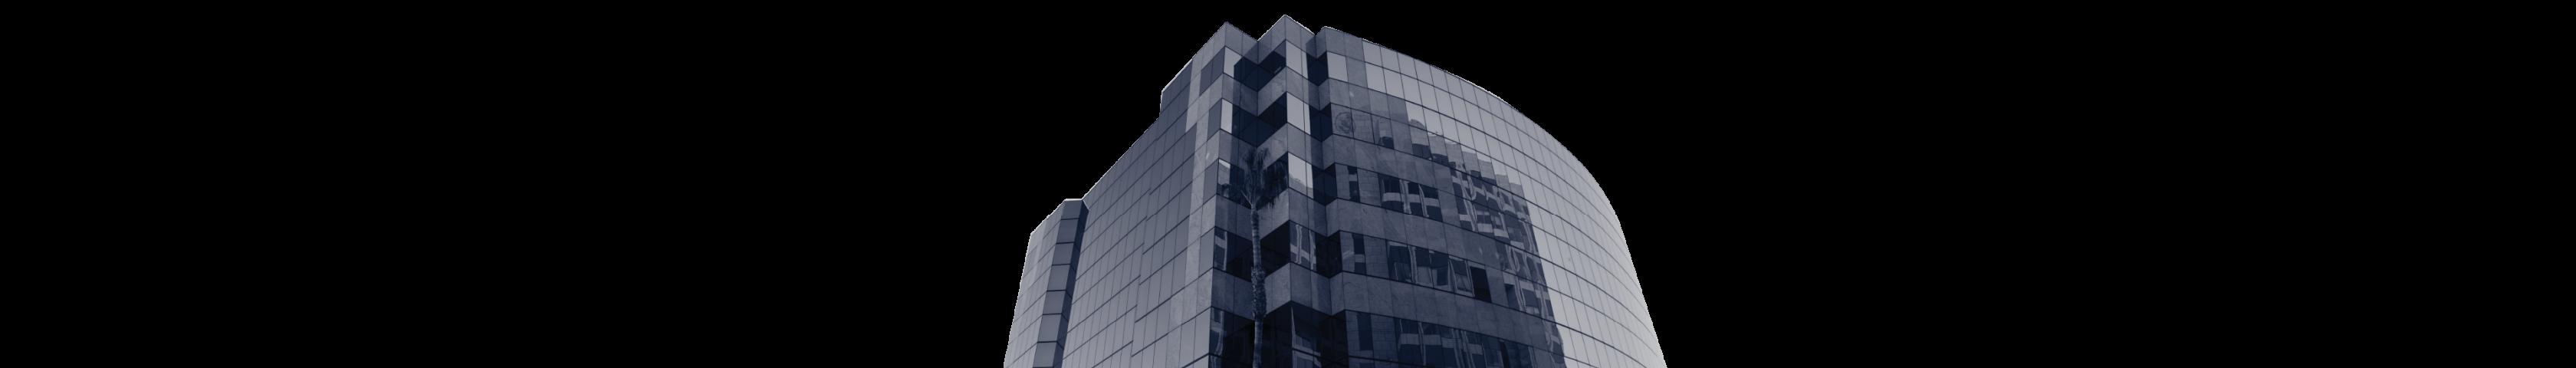 Healthcare building